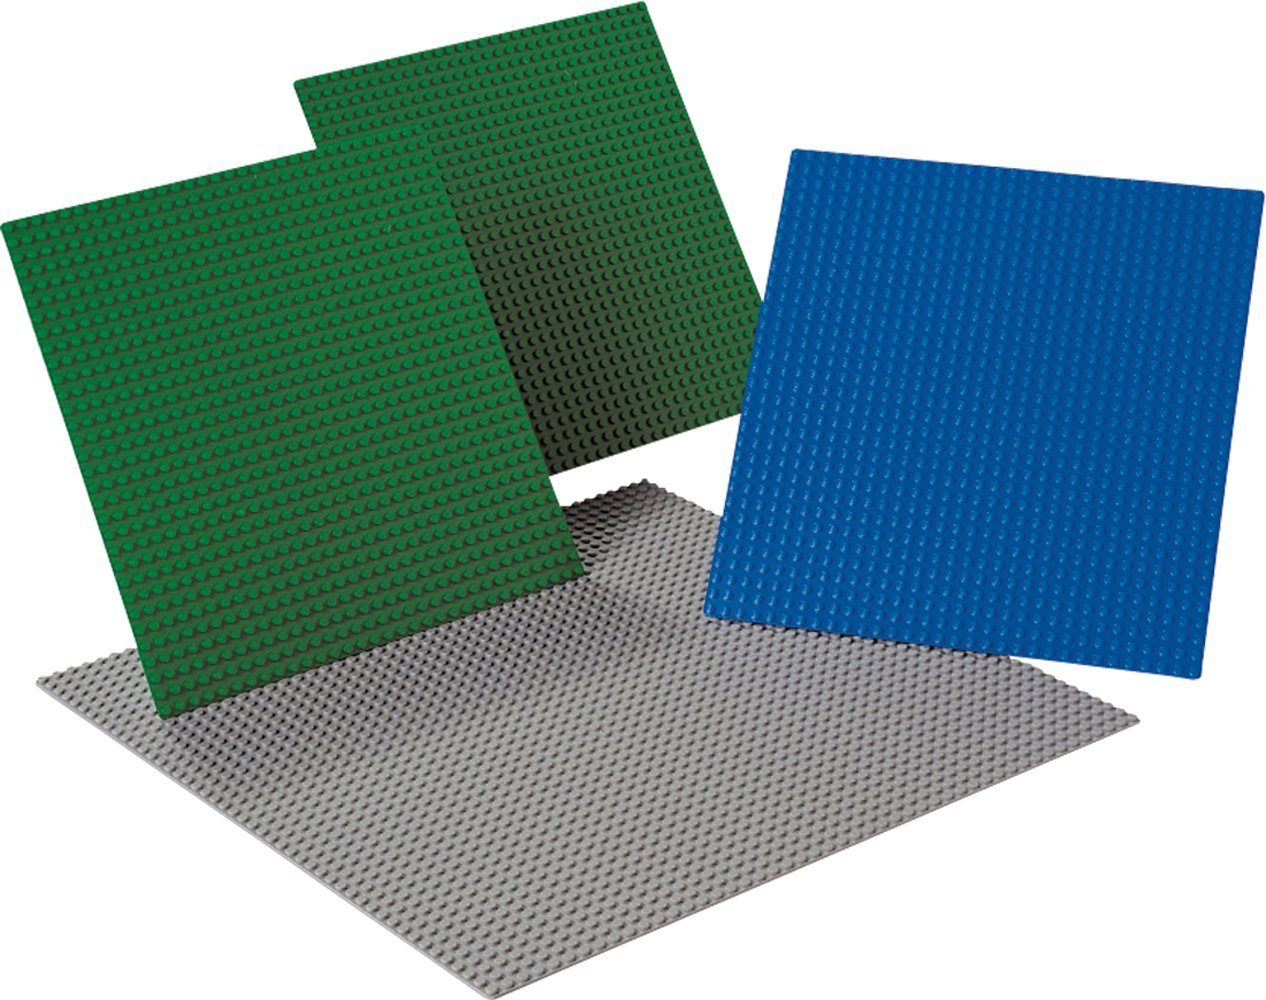 71Zzu9 qBXL. SL1266  - LEGO Education Large Building Plates 4570274 (4 Pieces)